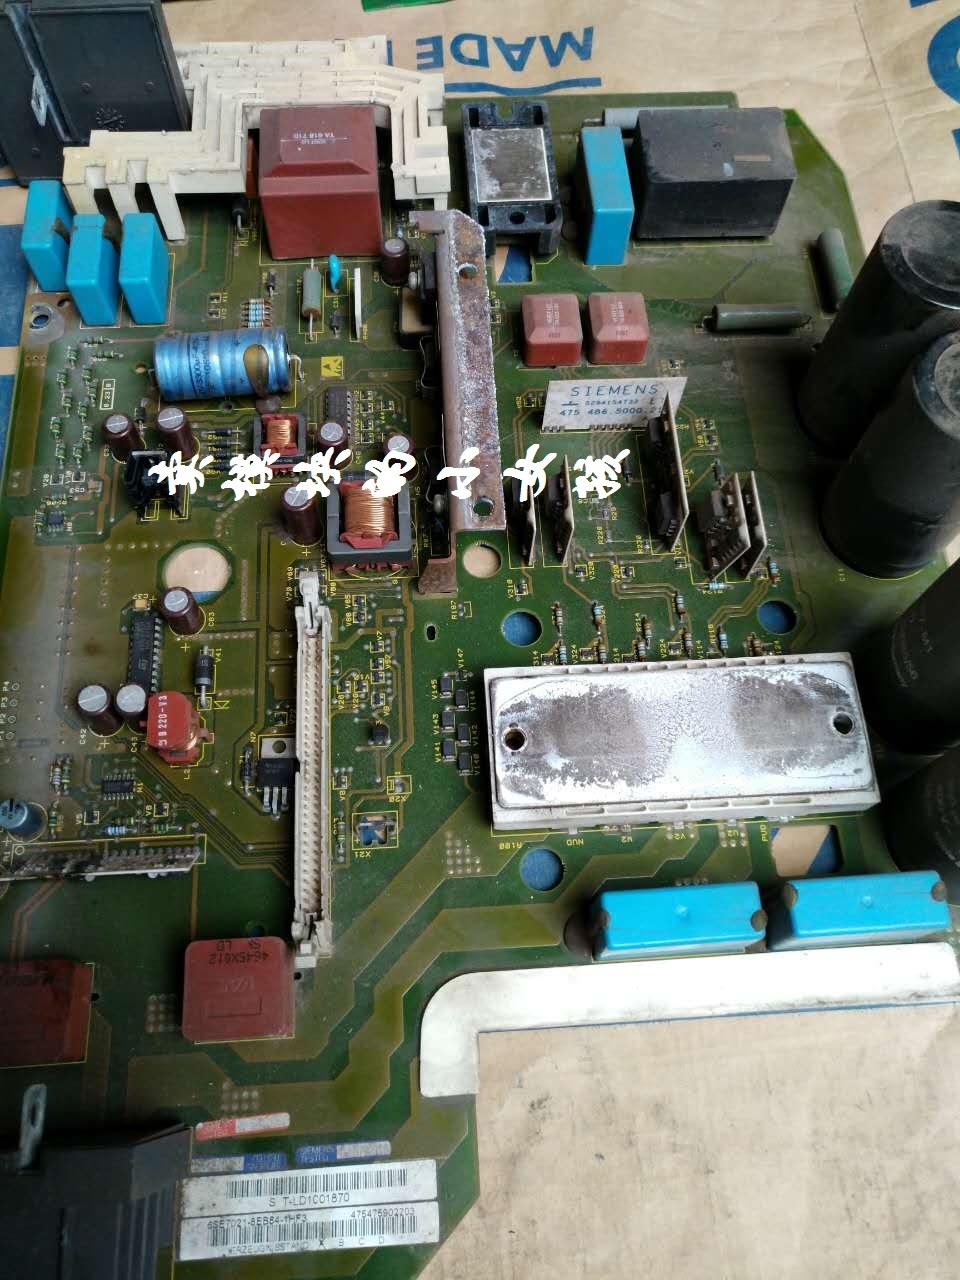 Siemens frequenzumrichter - 70 - Serie 5.5kw fahren. 6SE7021-8EB84-1HF3 kondition